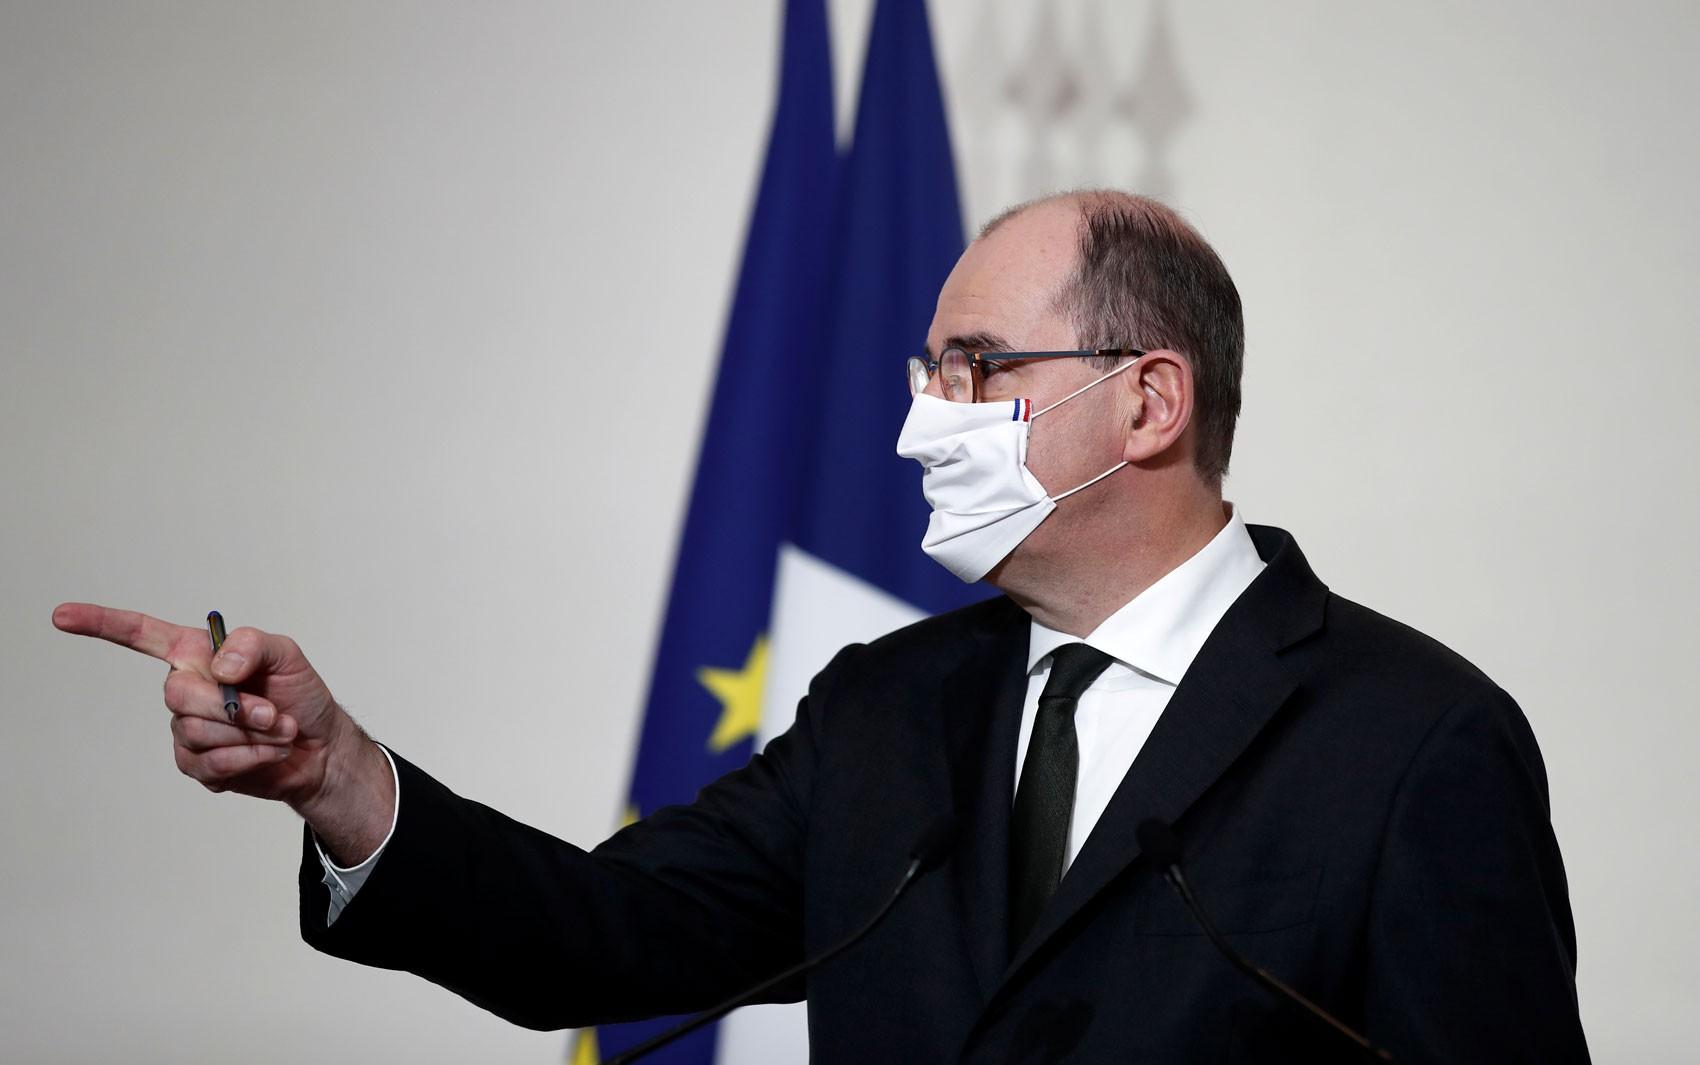 Vacinação contra Covid-19 na França será gratuita para todos, mas não obrigatória